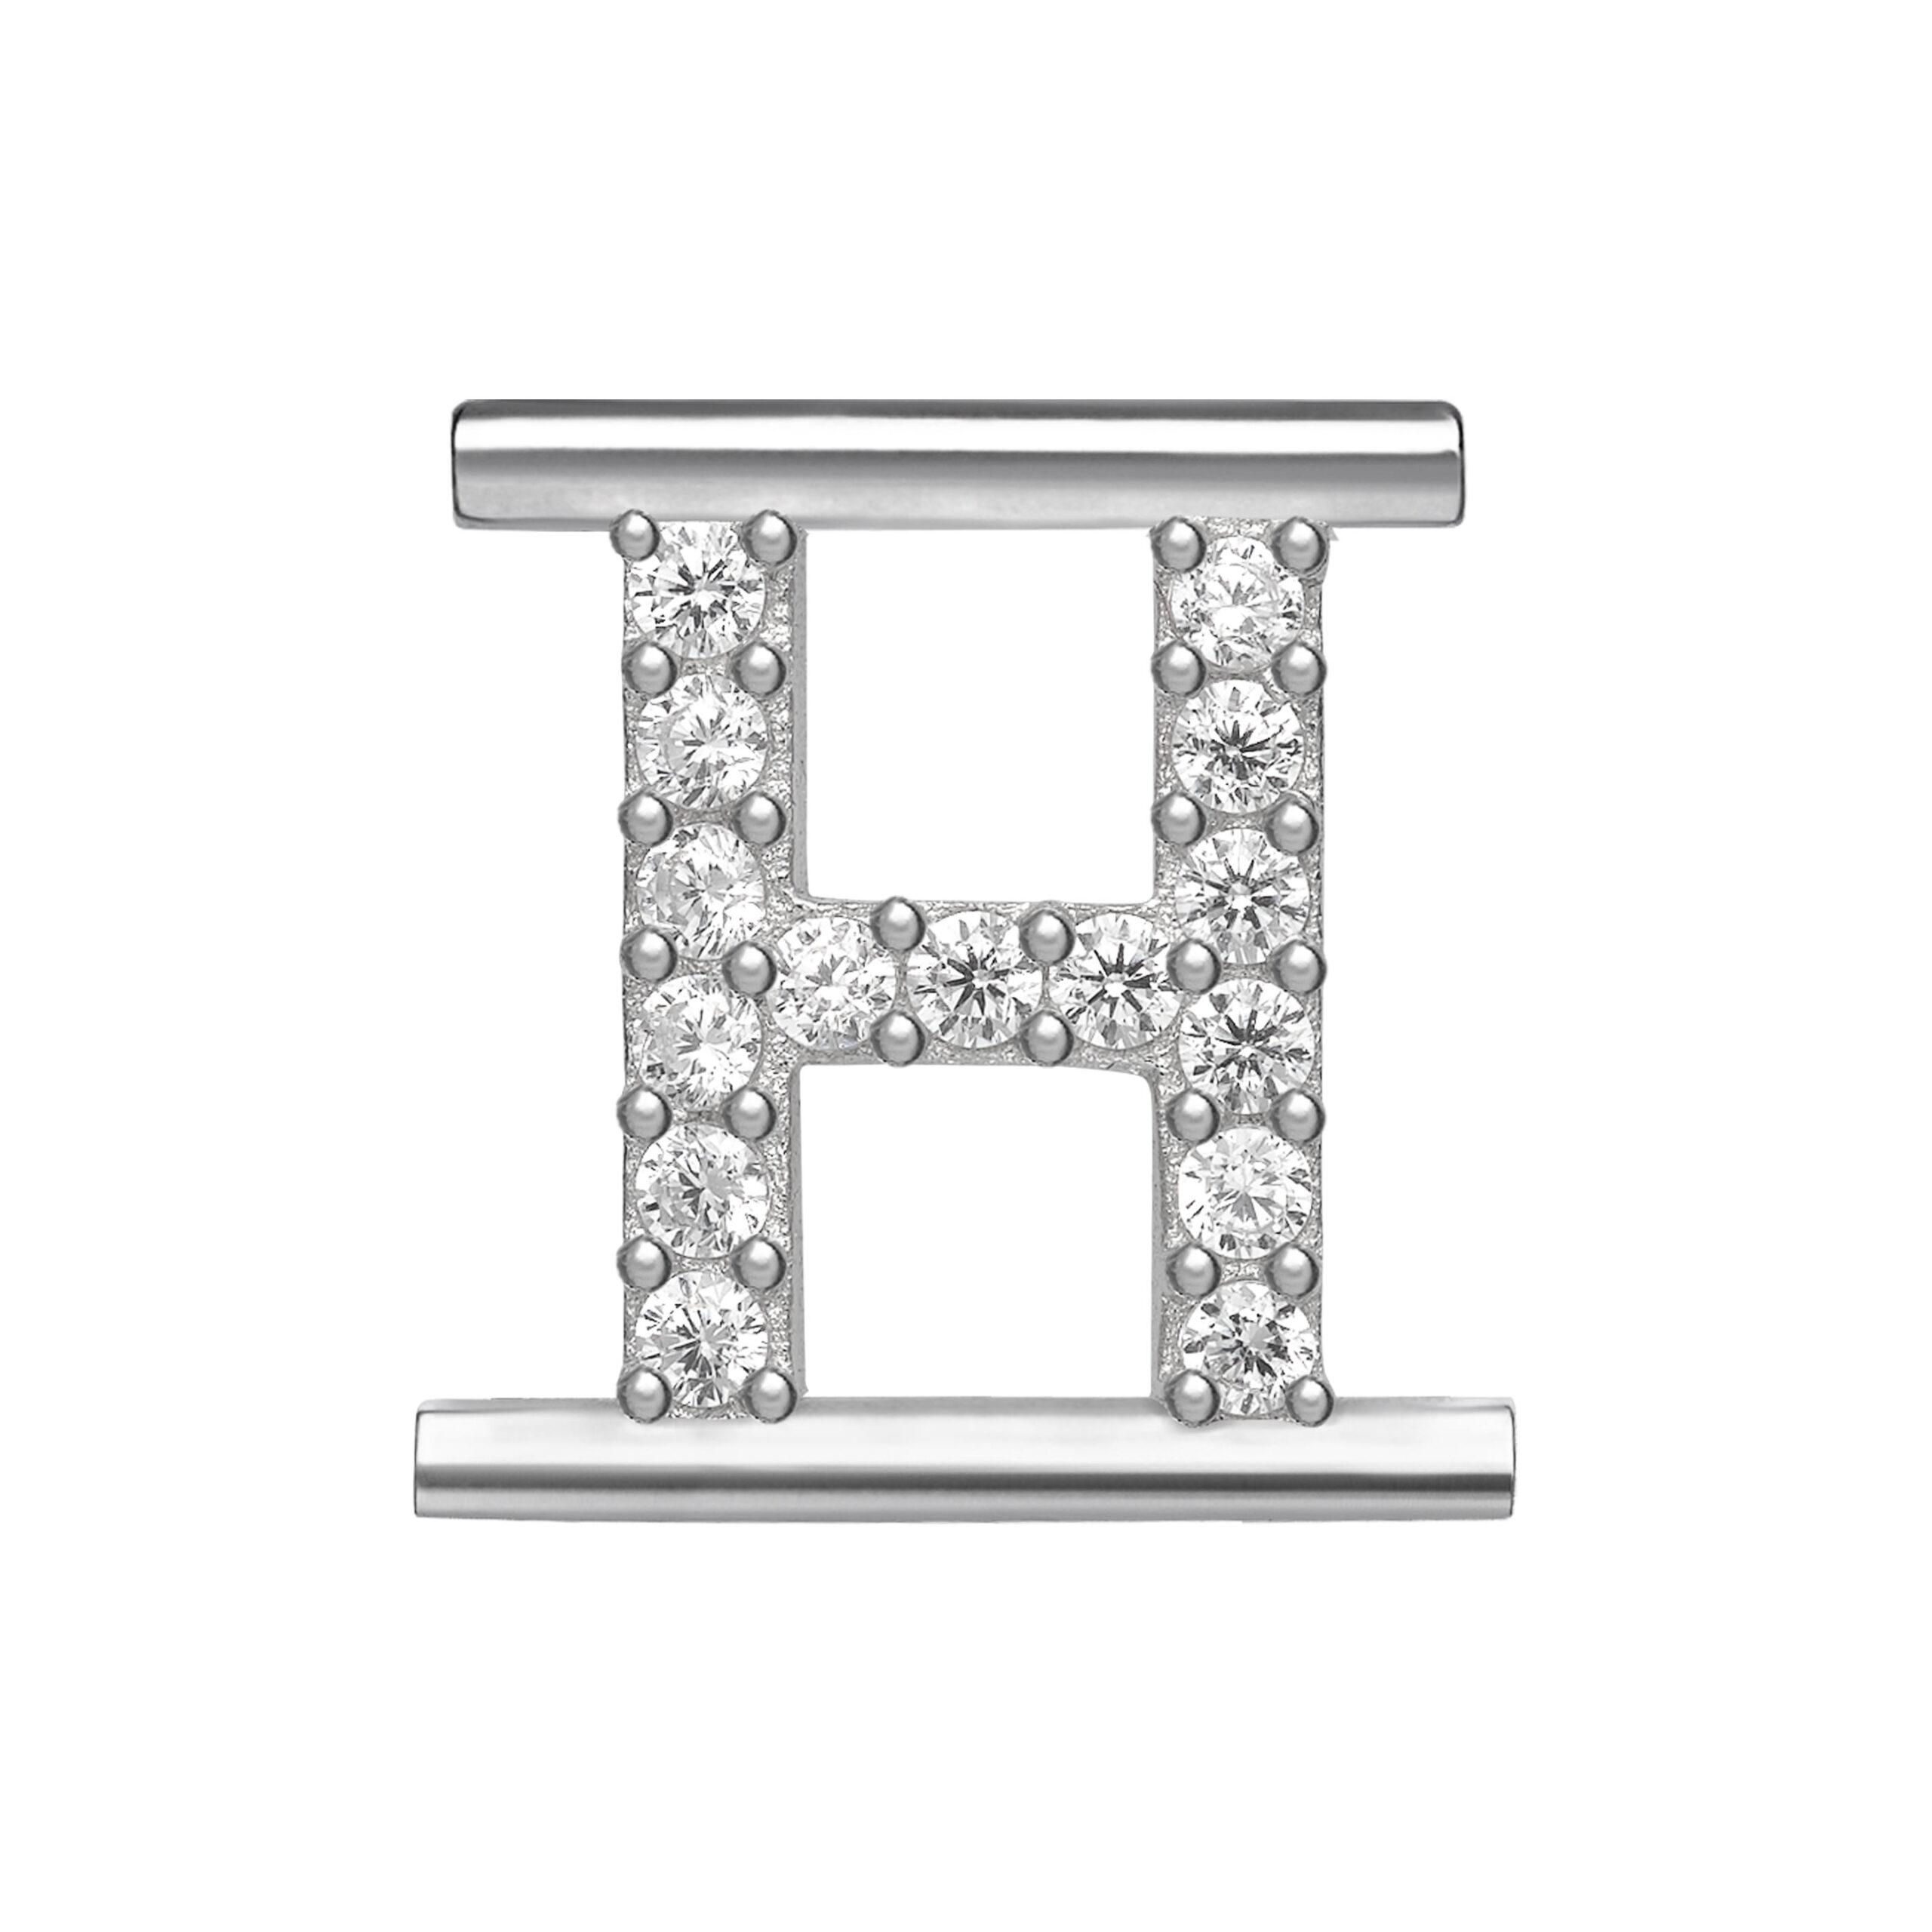 ELEONORA GIORDANI Argento Elementi H